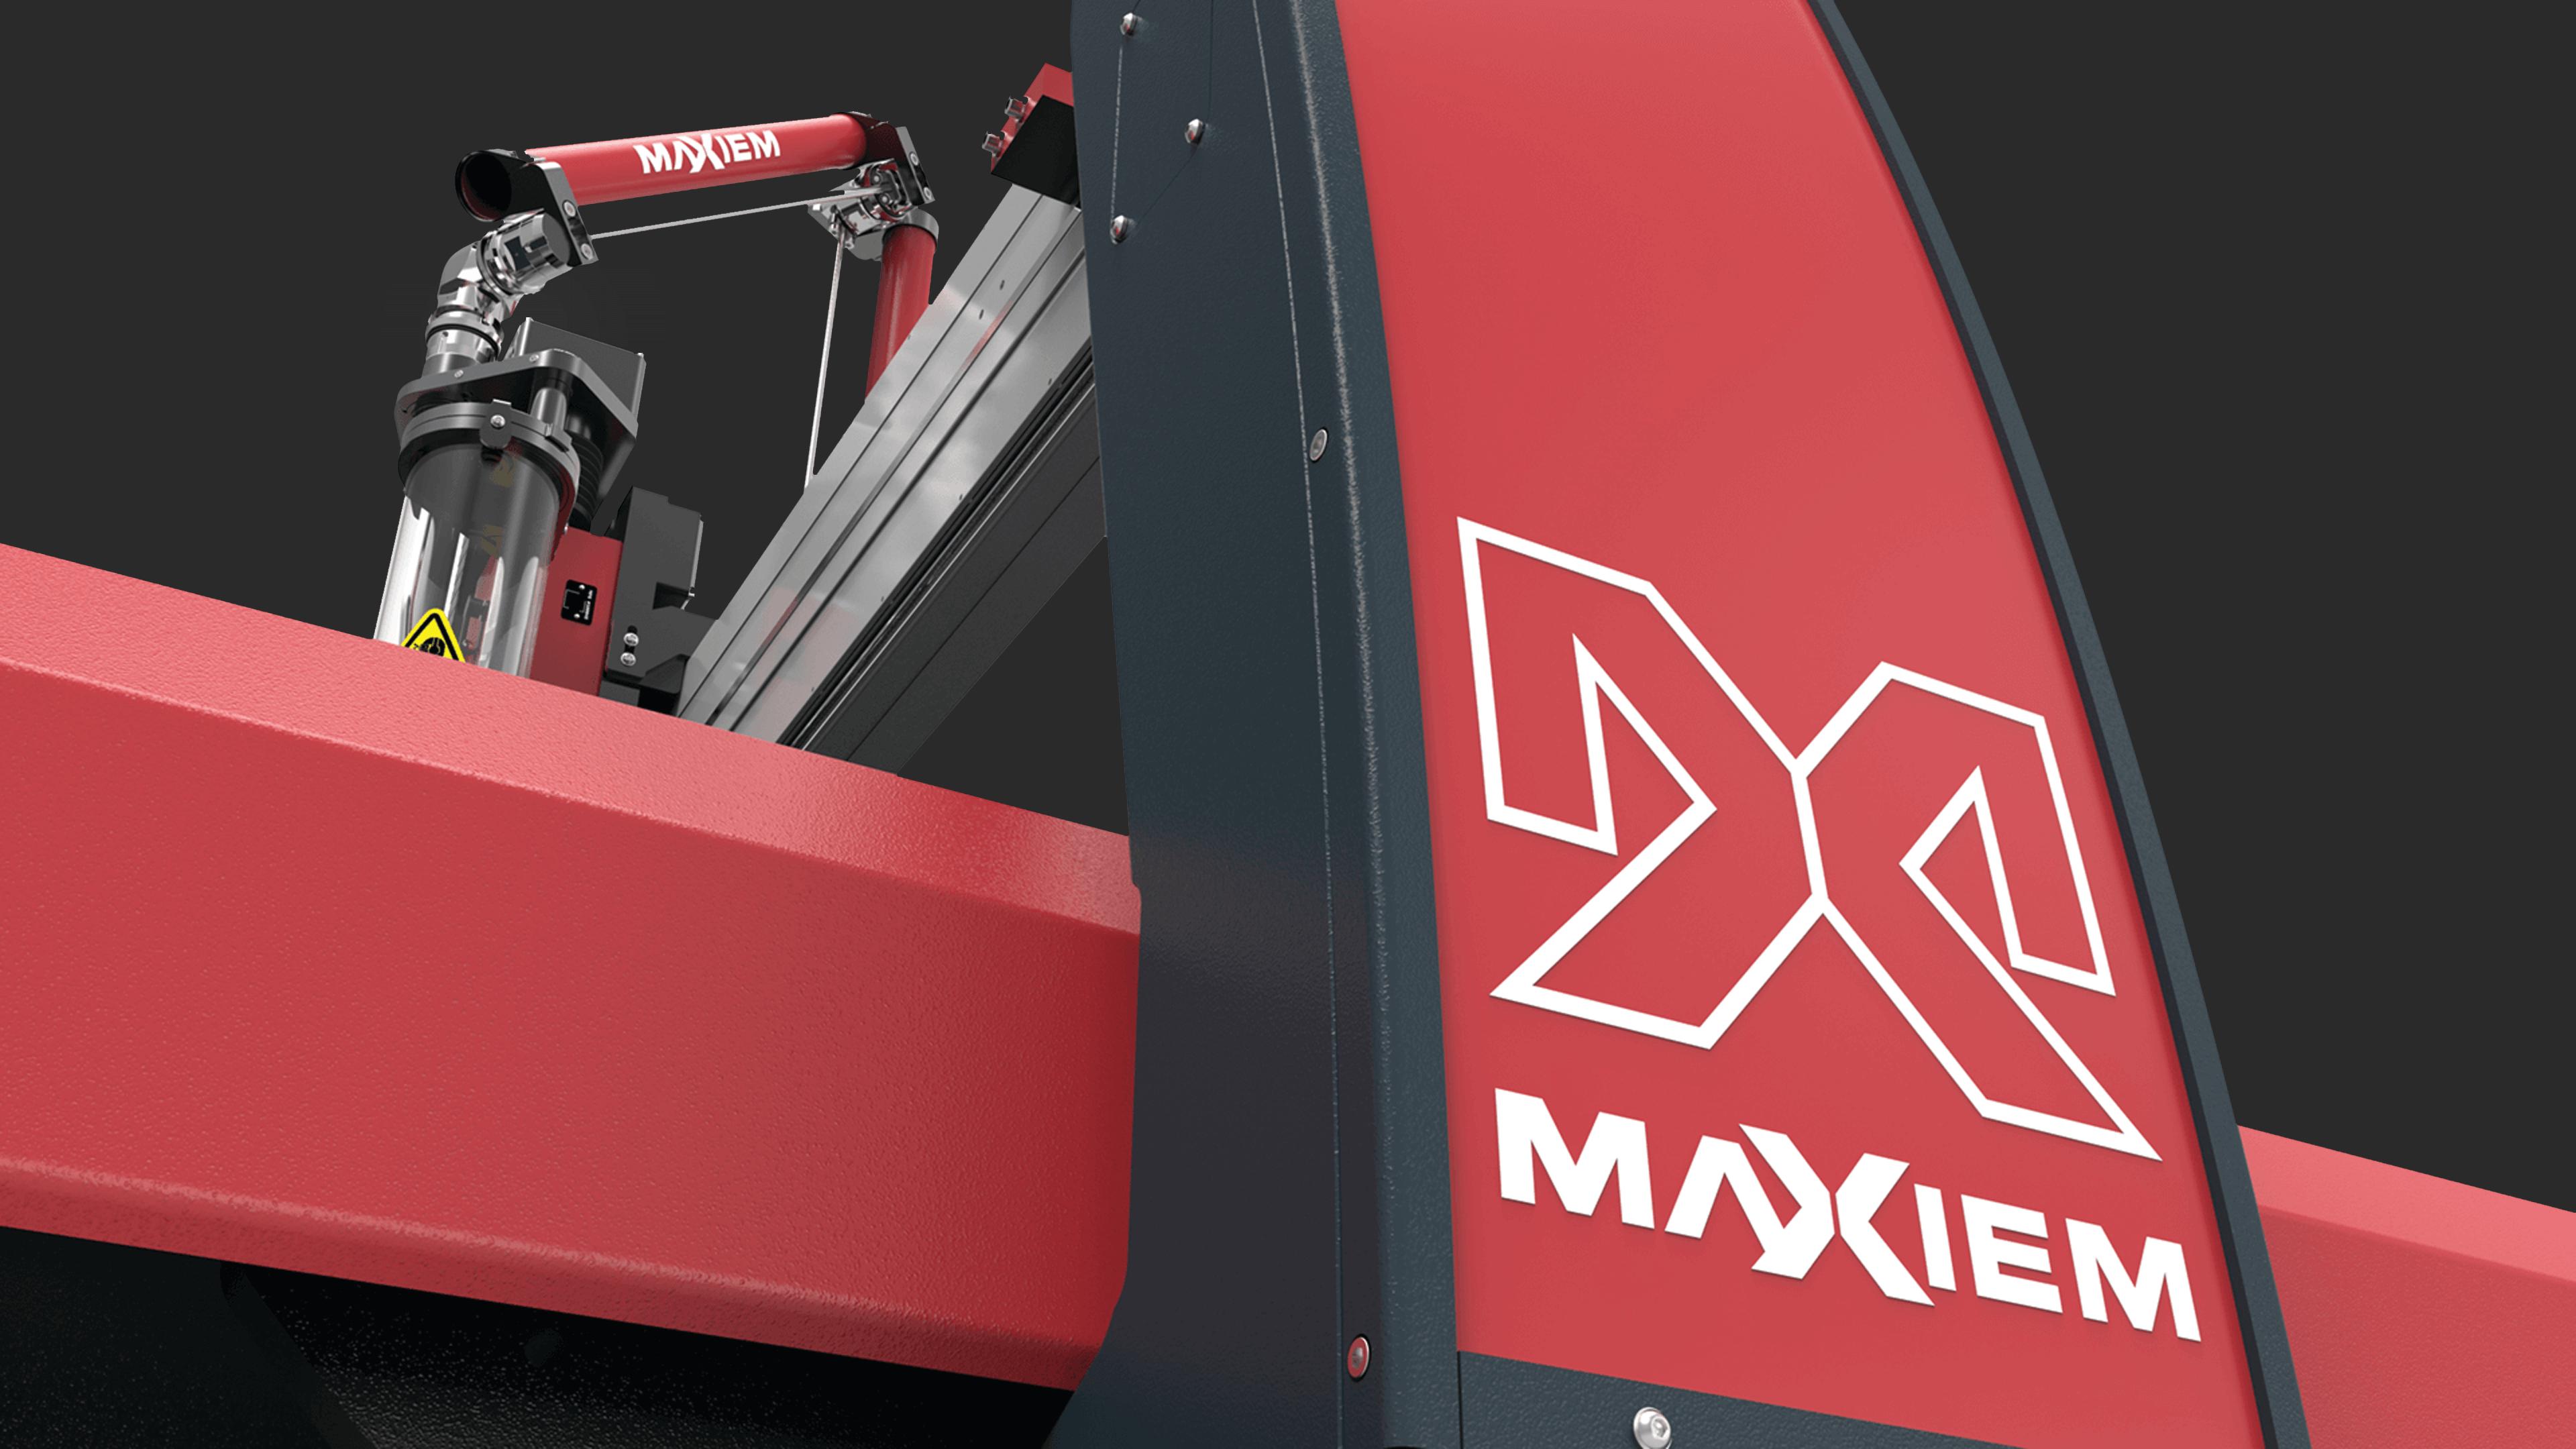 OMAX — Building MAXIEM Waterjets